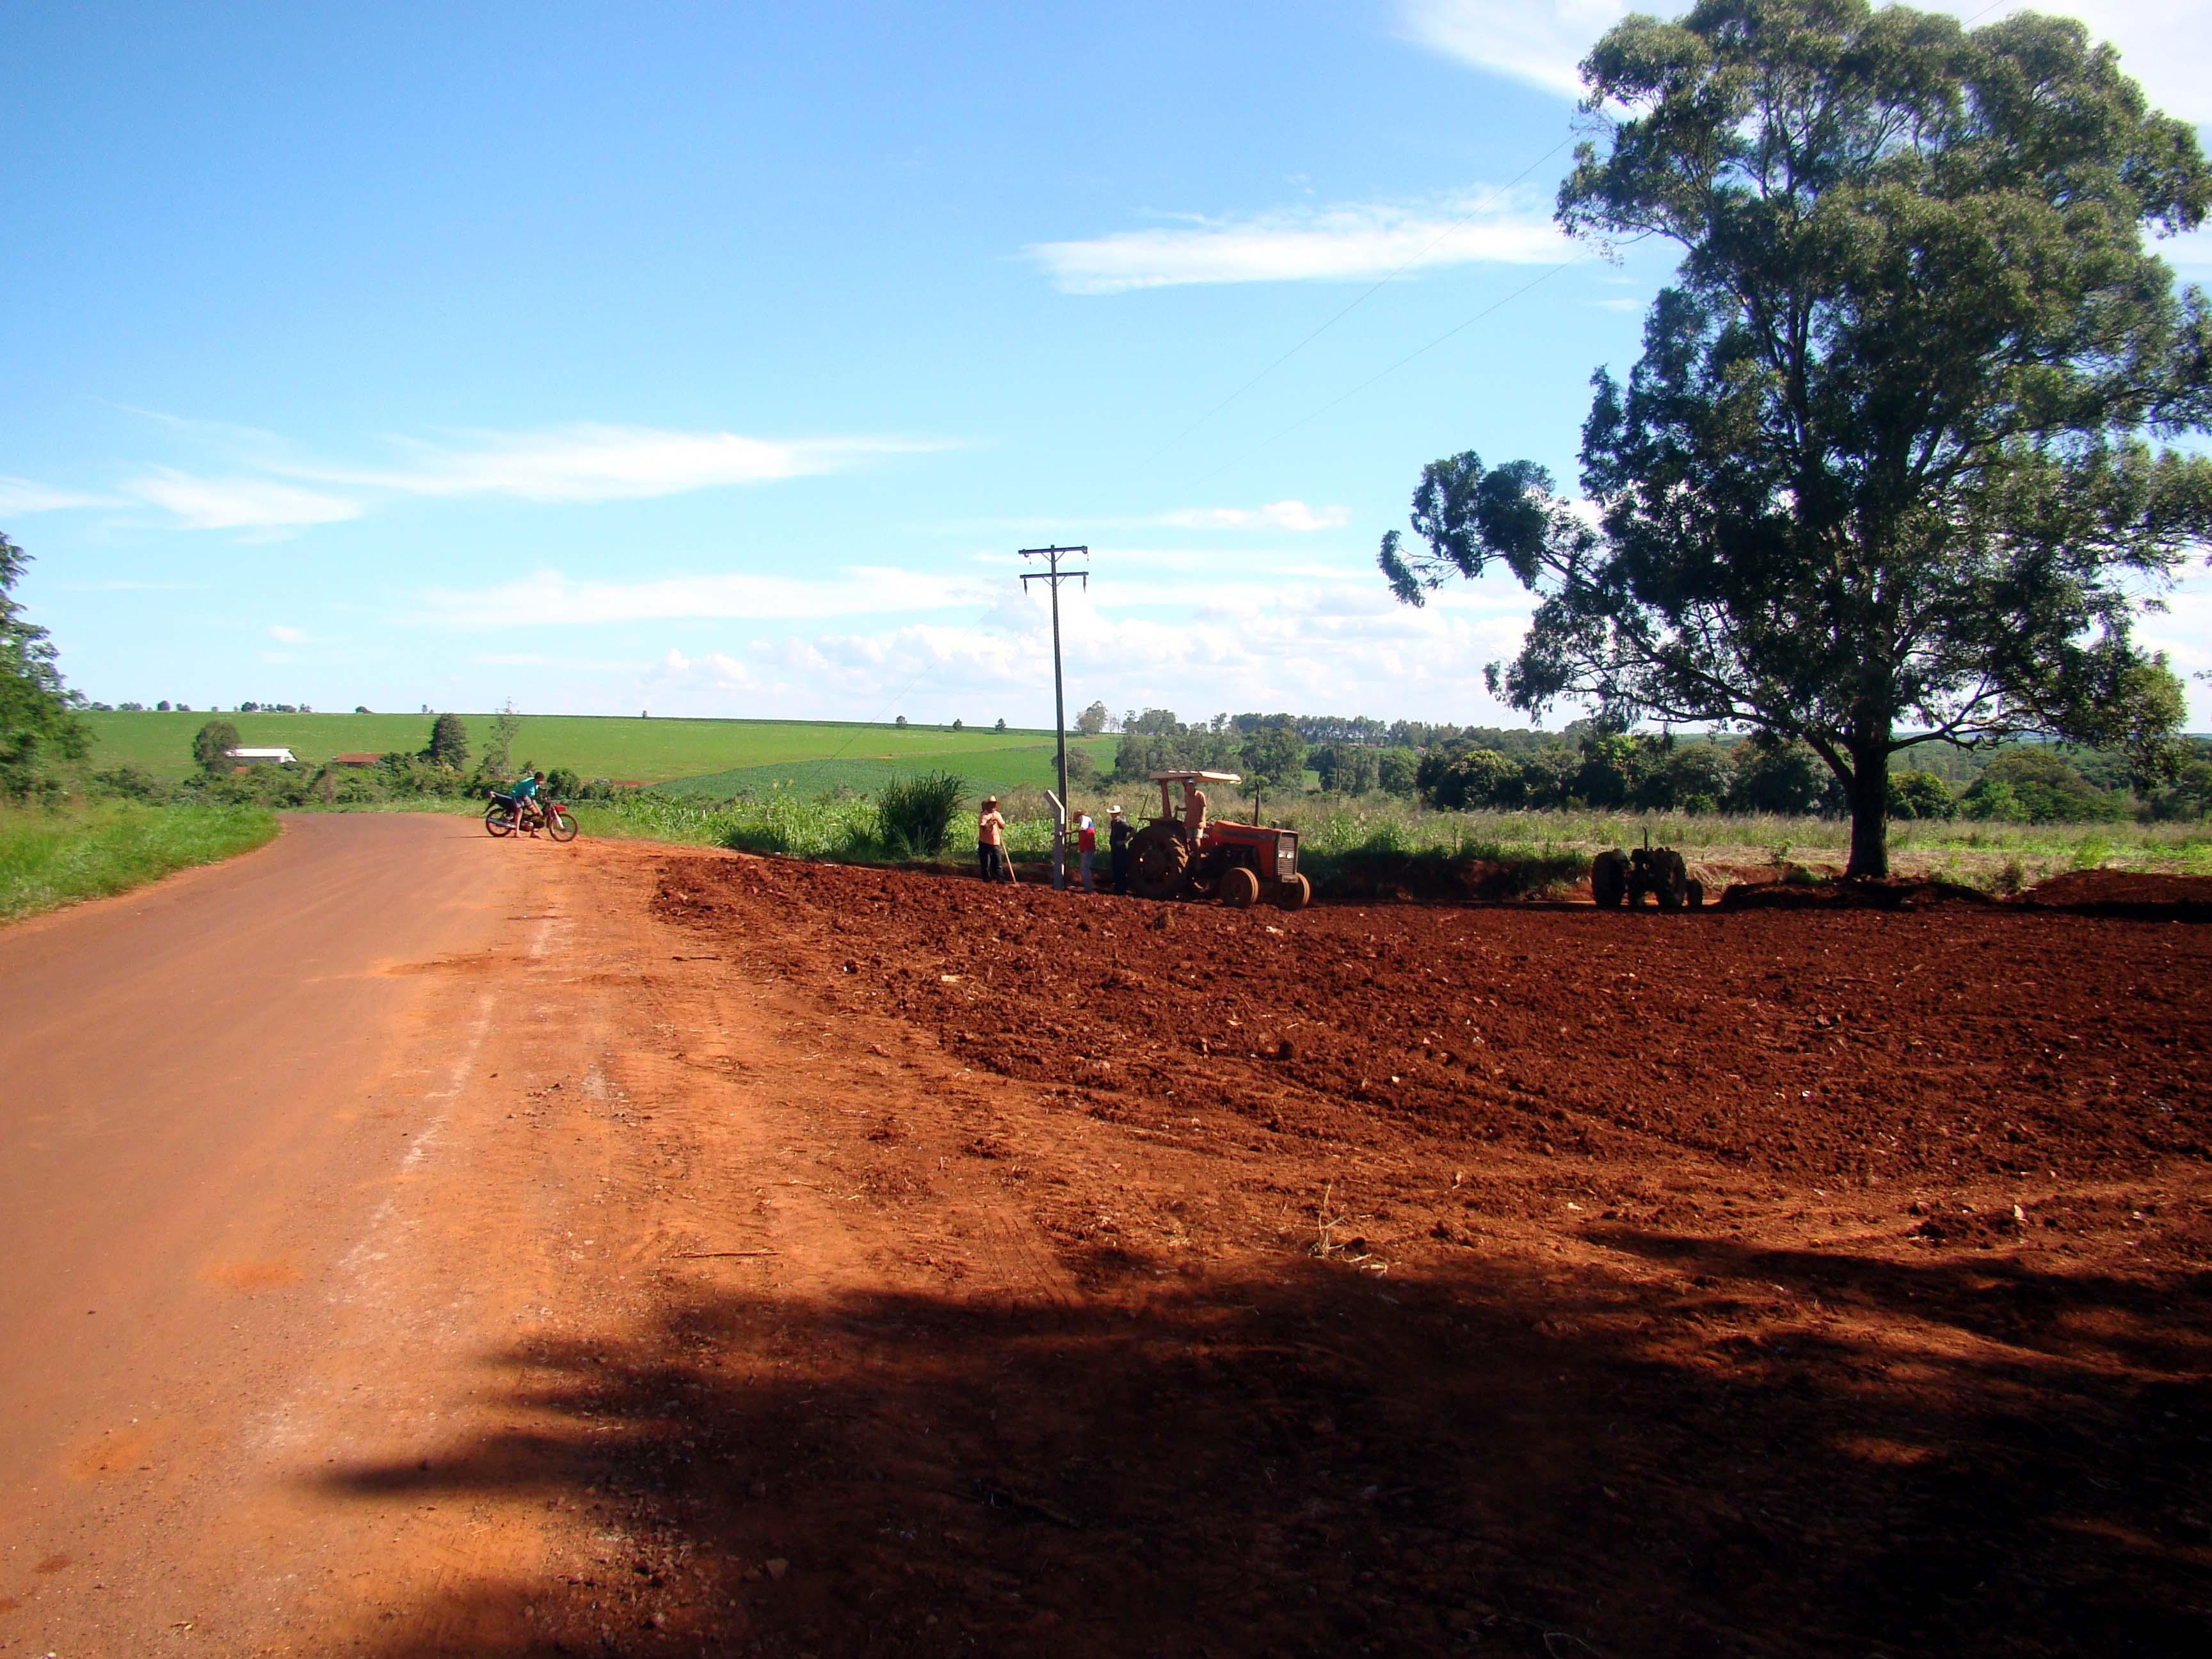 A recupera��o das estradas rurais � prioridade da administra��o